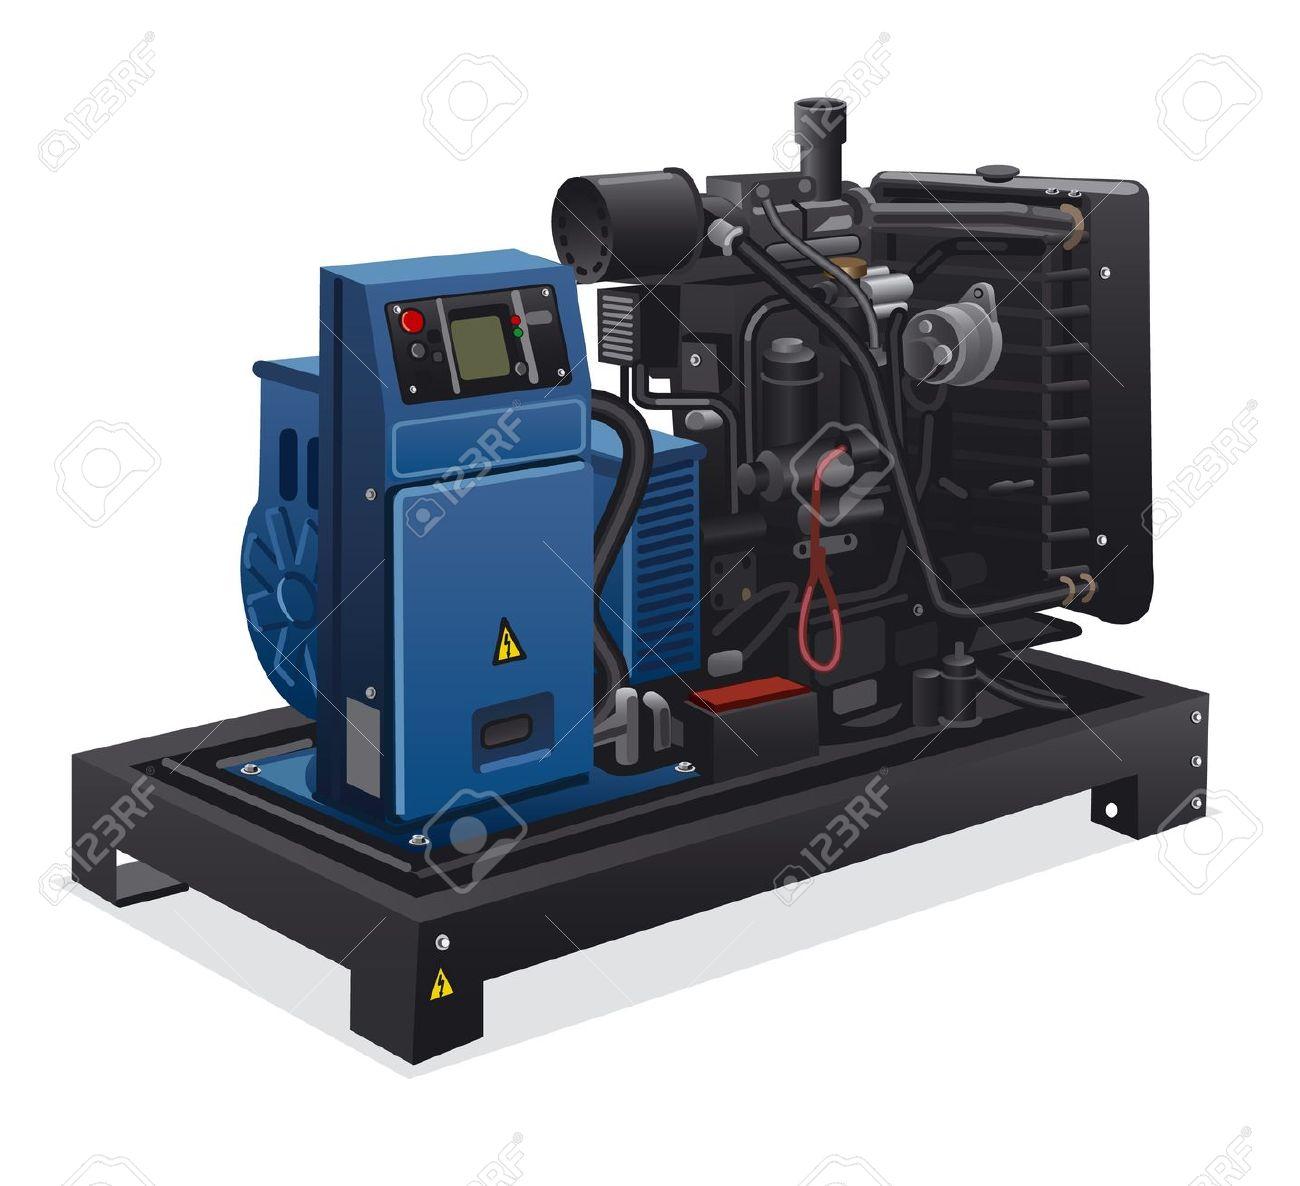 Industrial Diesel Power Generator Royalty Free Cliparts, Vectors.